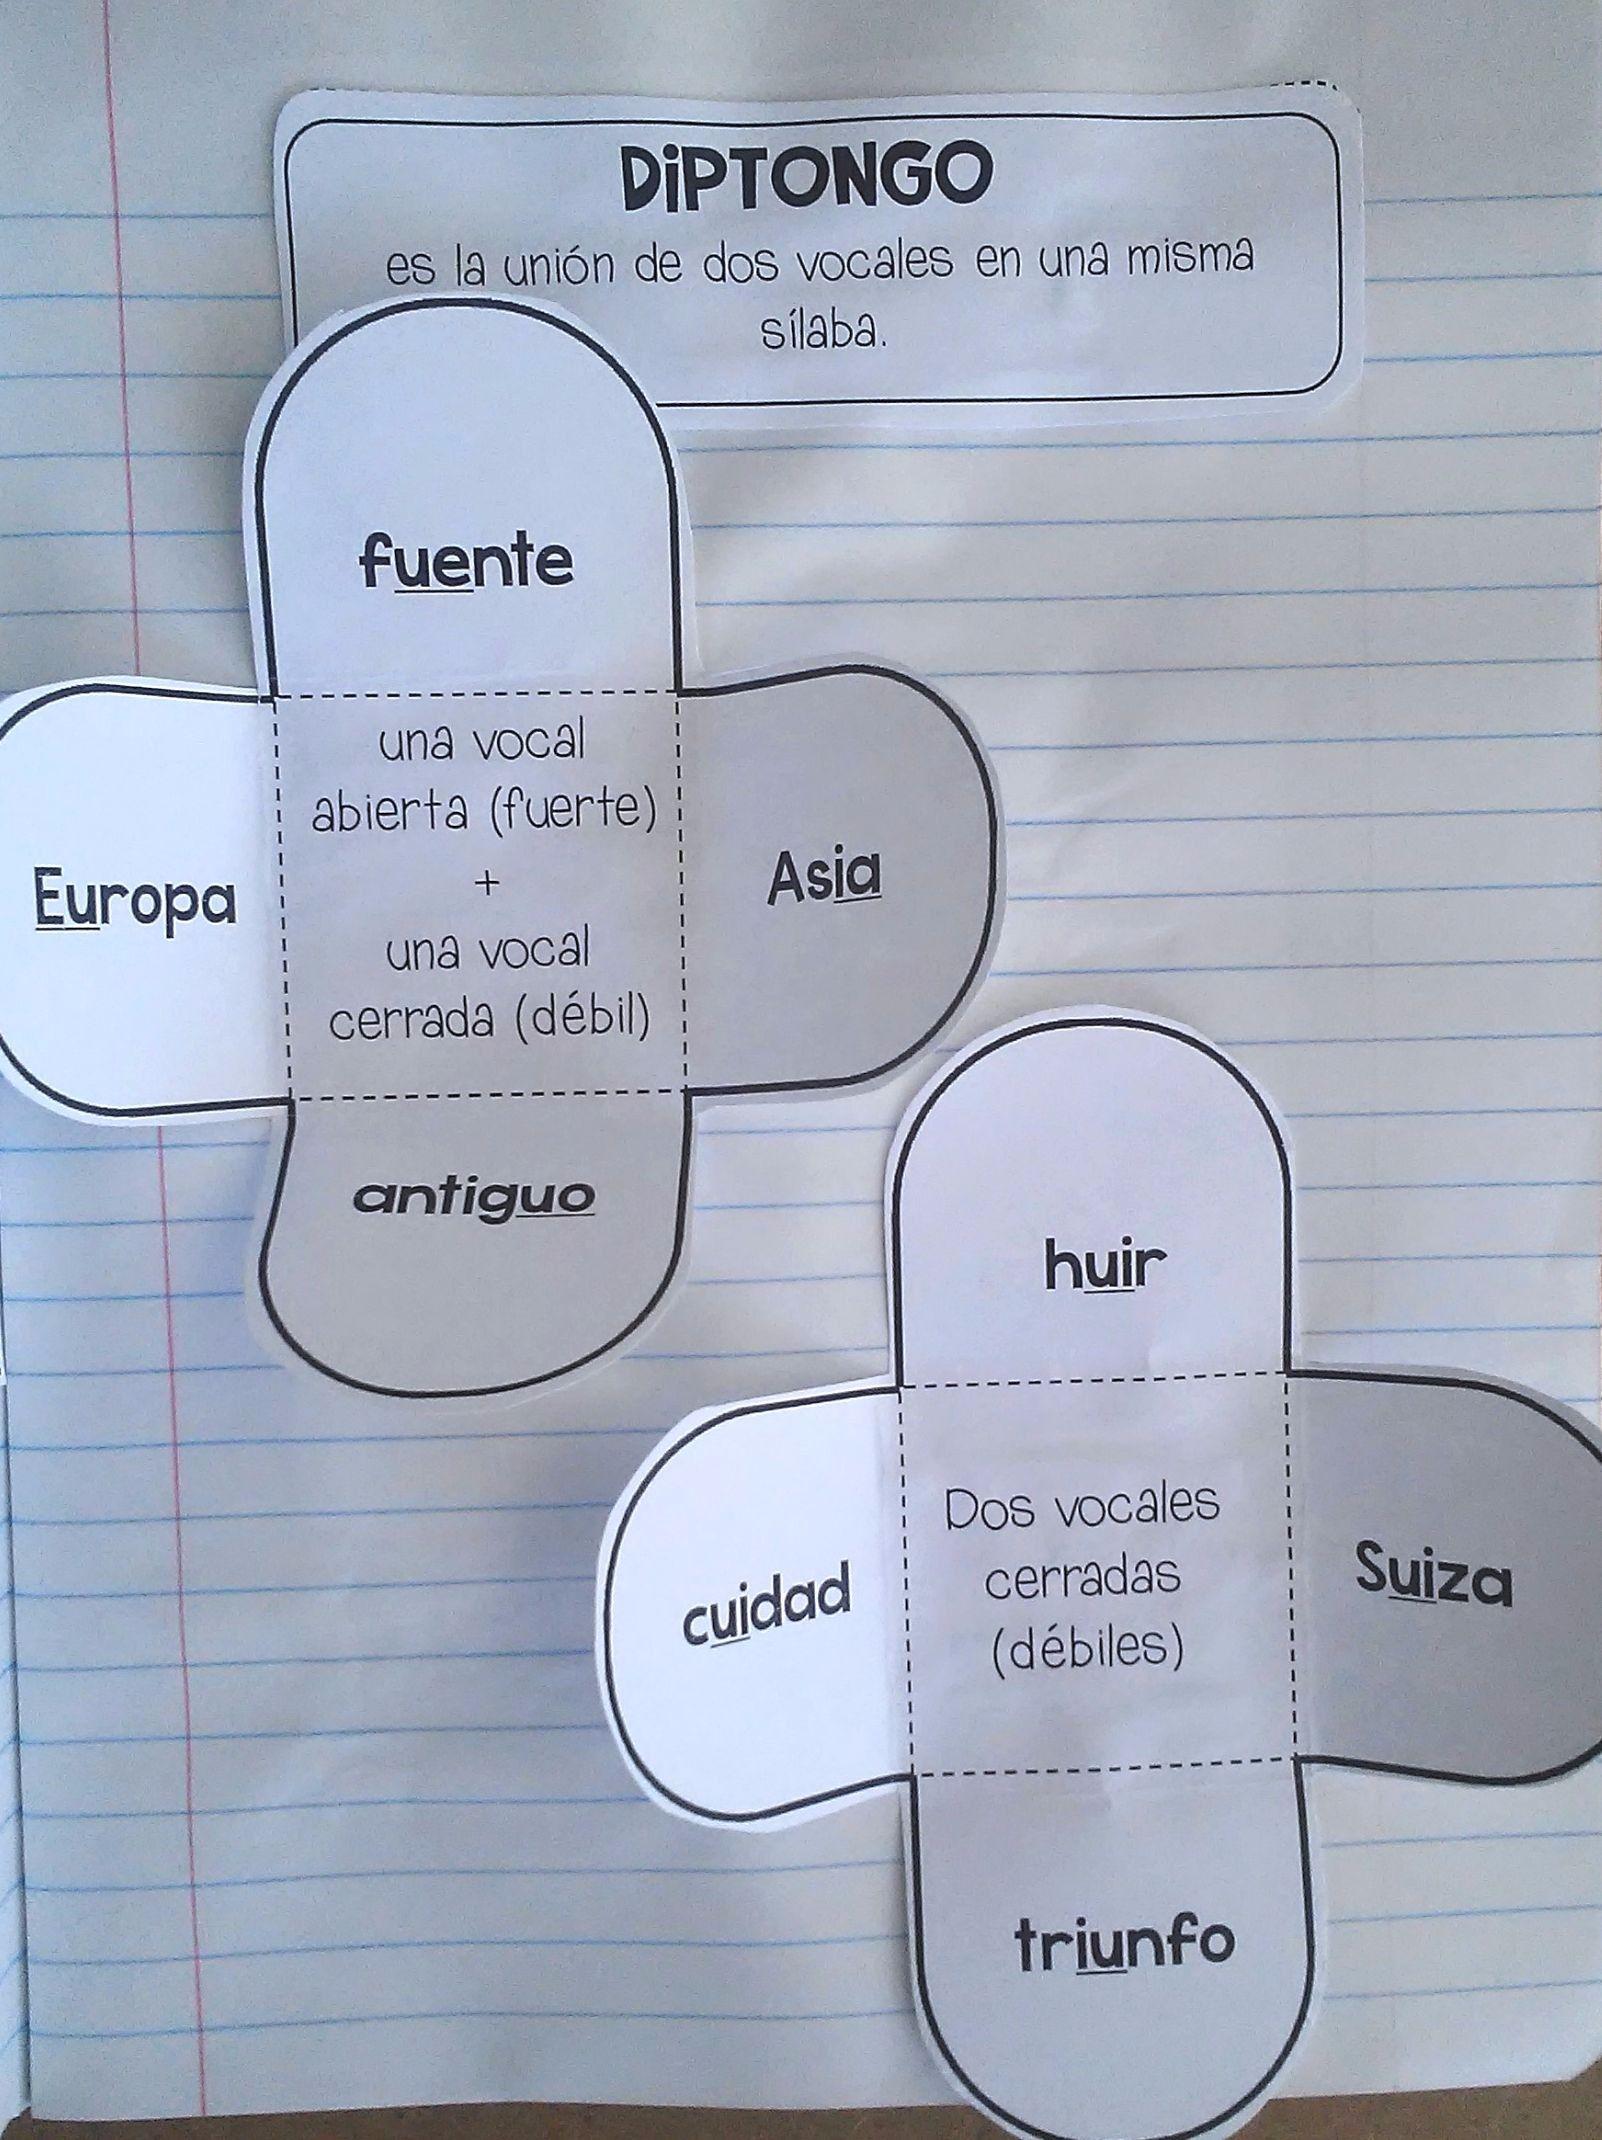 Las Sílabas Libreta Interactiva is part of Dual language classroom - Las Sílabas Libreta Interactiva Este producto contiene carteles de palabras de vocabulario, hojas de práctica y plegables sobre el tema de las sílabas y su división  Temas discutidos en este recurso son las sílabas, las reglas de la división silábica, monosílabas, bisílabas, trisílabas, polisílaba